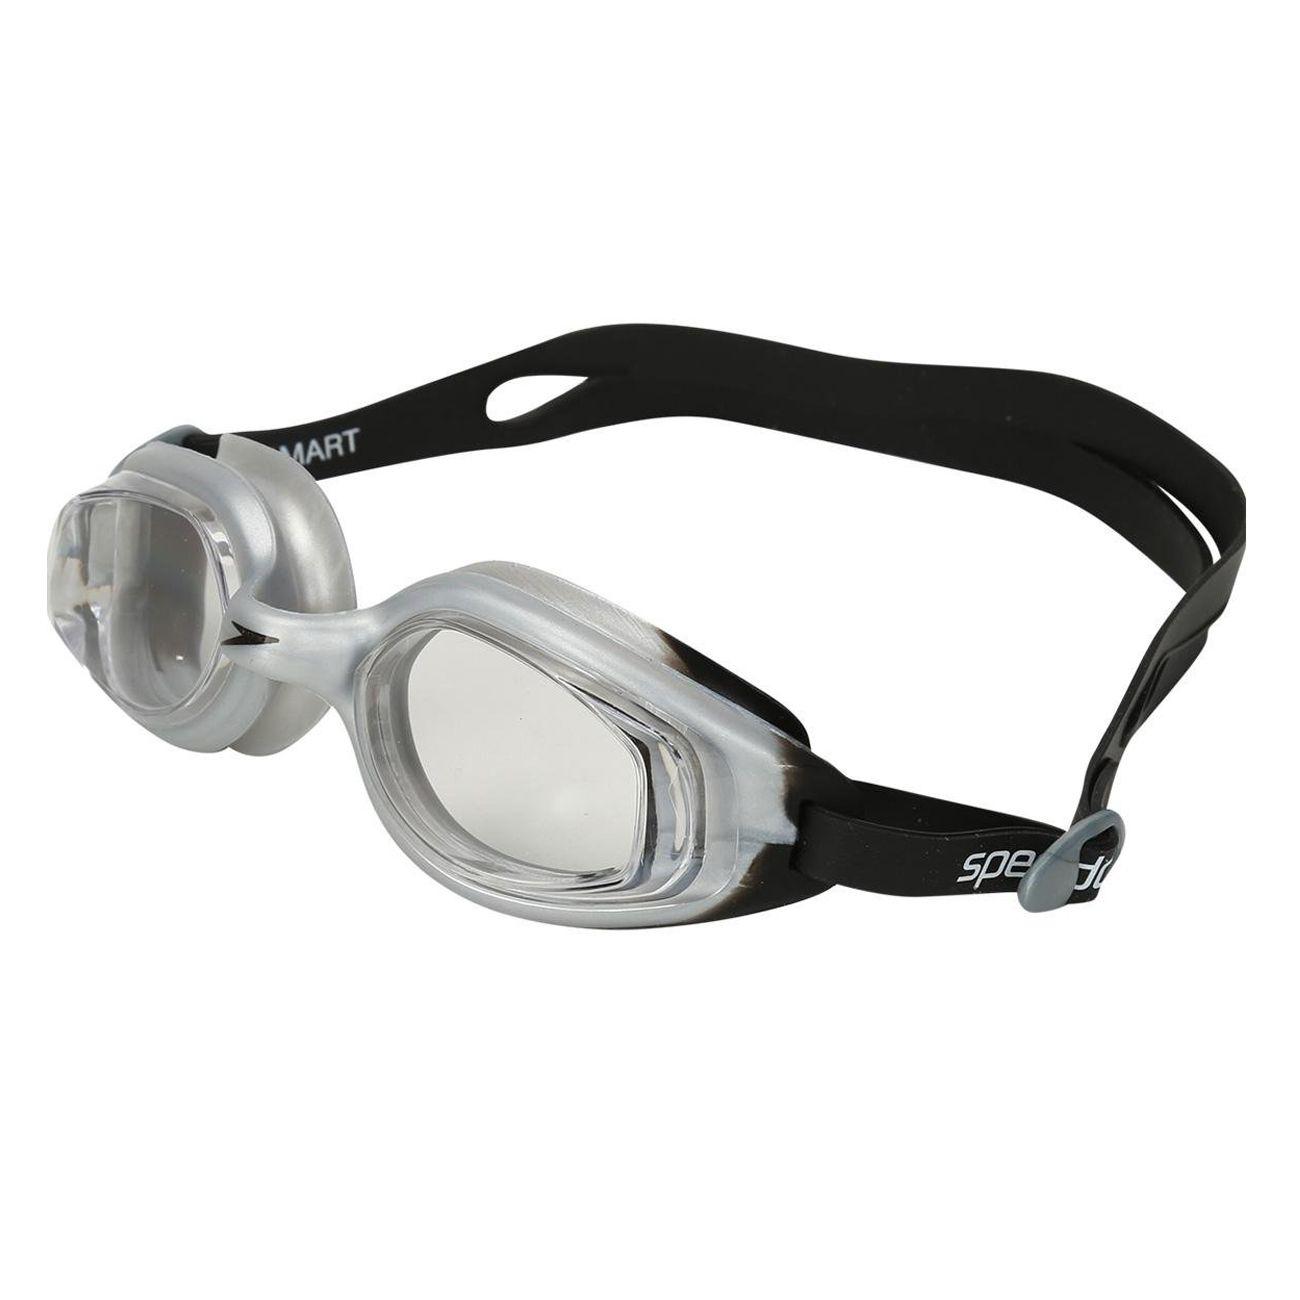 Óculos De Natação Speedo Smart Prata Cristal